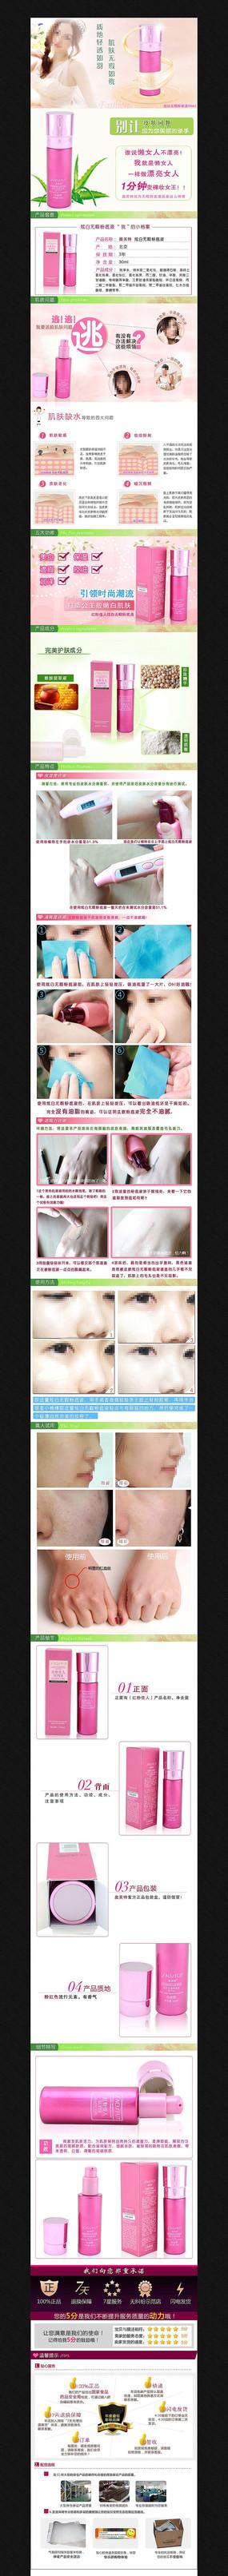 淘宝化妆品详情页描述图PSD素材模板